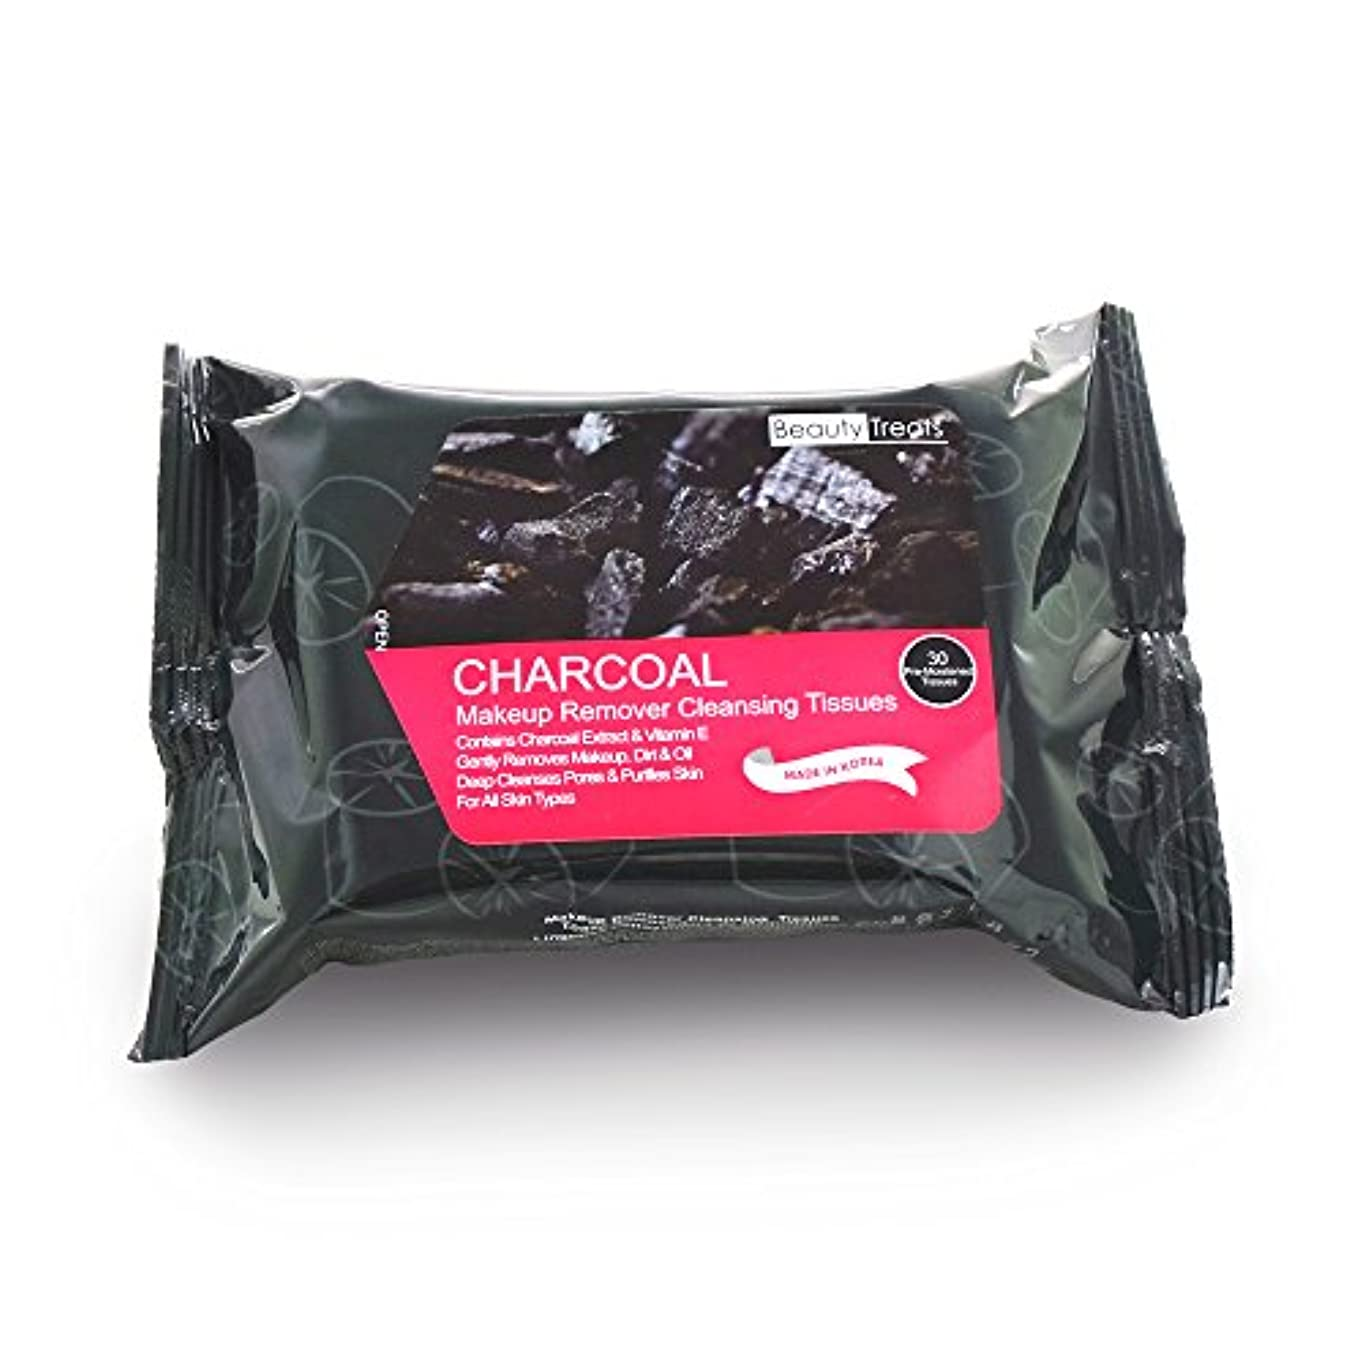 ミュウミュウ支払いくぼみ(6 Pack) BEAUTY TREATS Charcoal Makeup Remover Cleaning Tissues (並行輸入品)